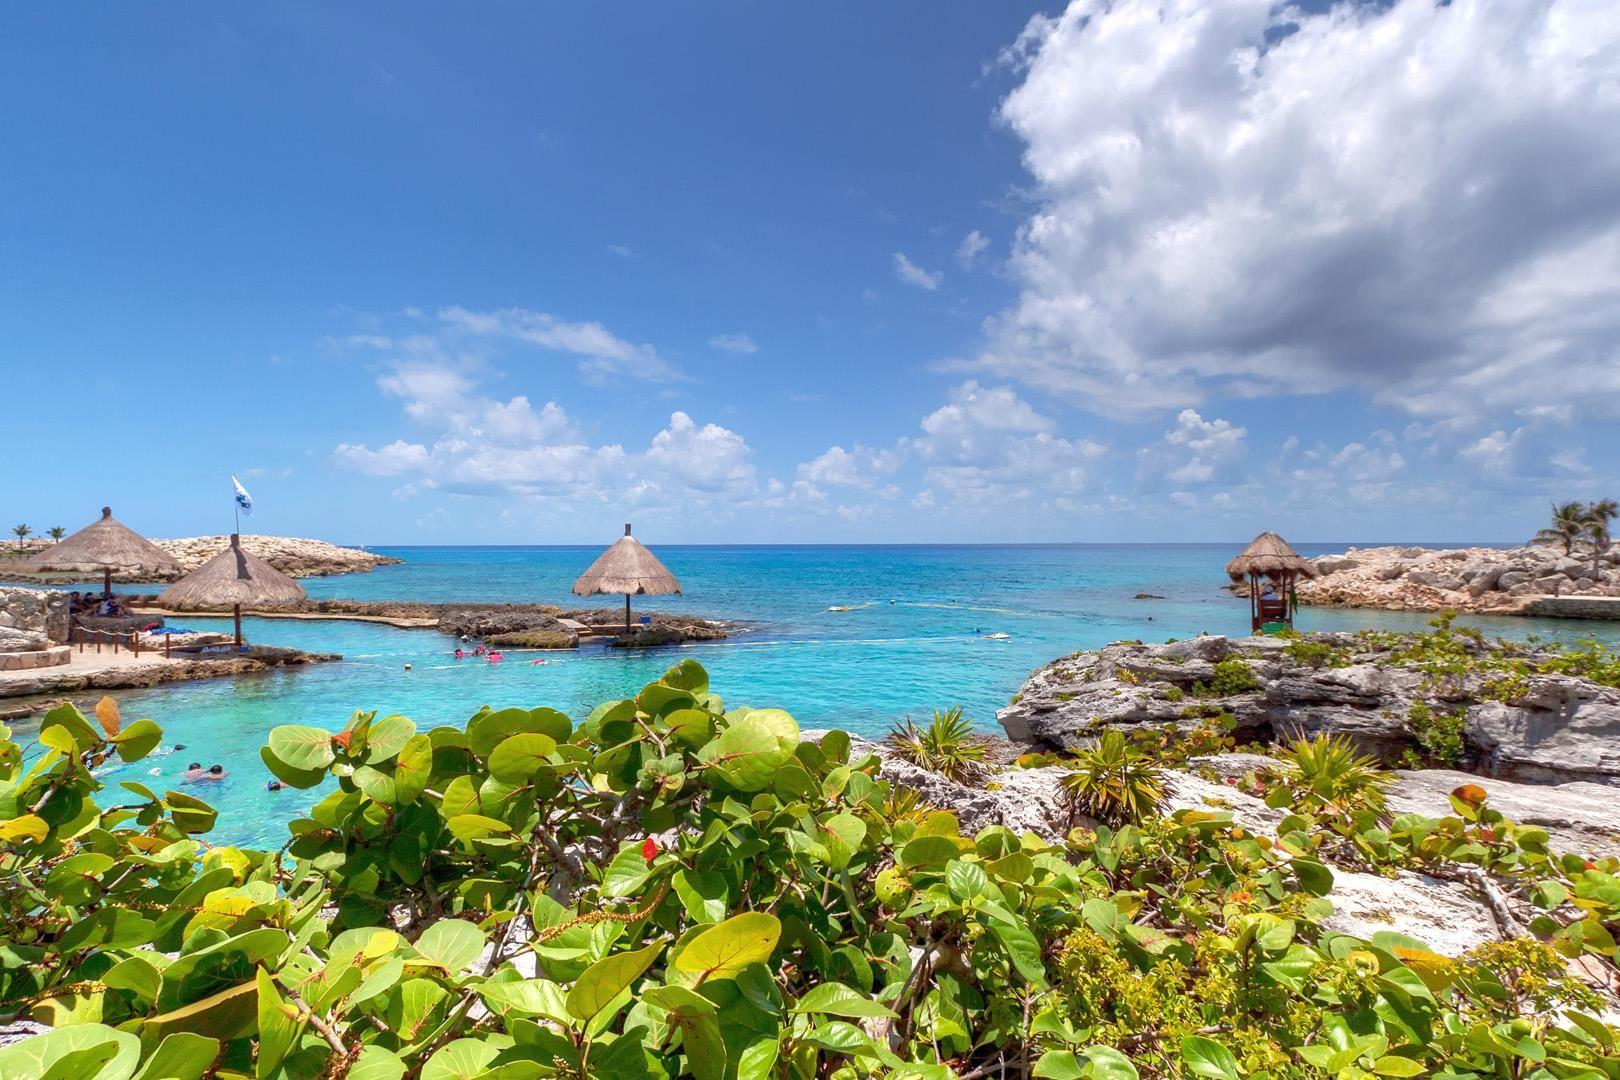 Vacations in Riviera Maya, Mexico